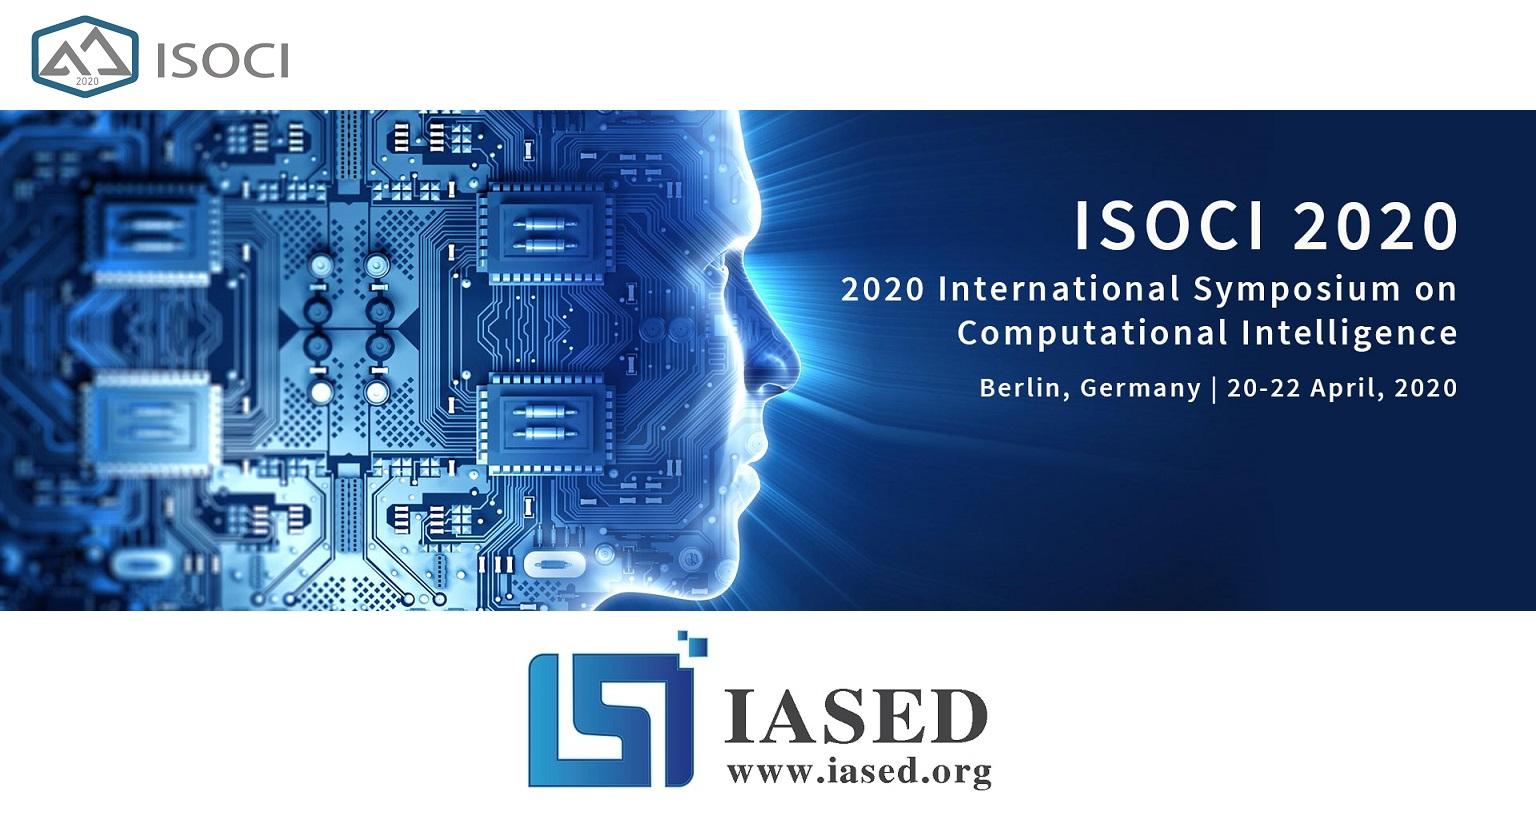 ISOCI 2020